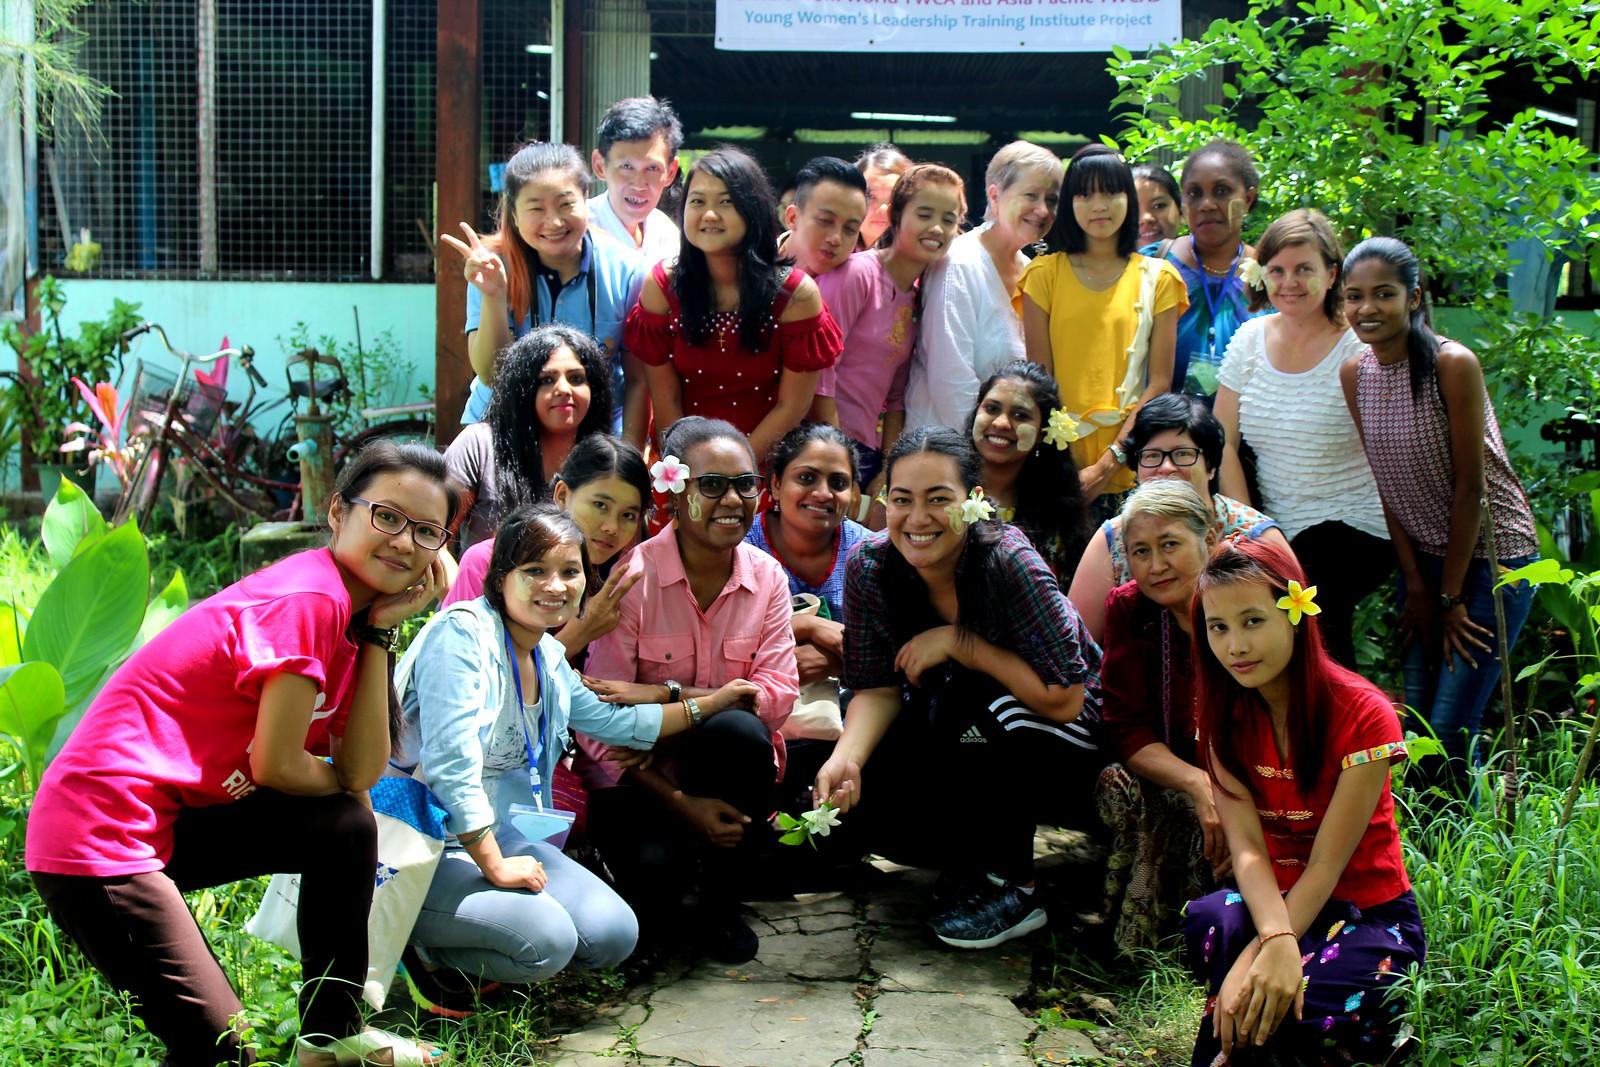 YWLT16 Myanmar